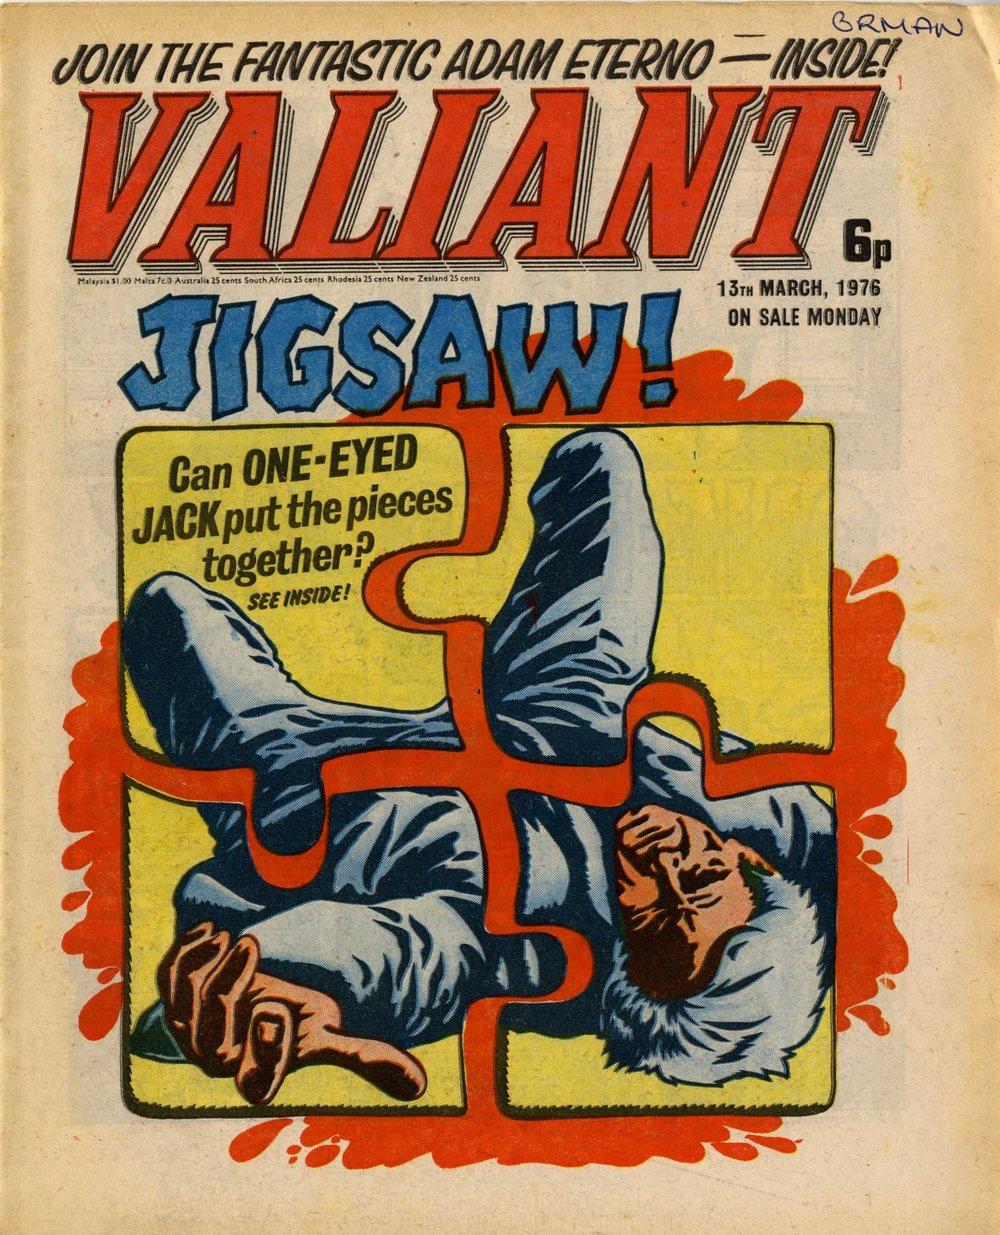 Valiant 130376 001.jpg